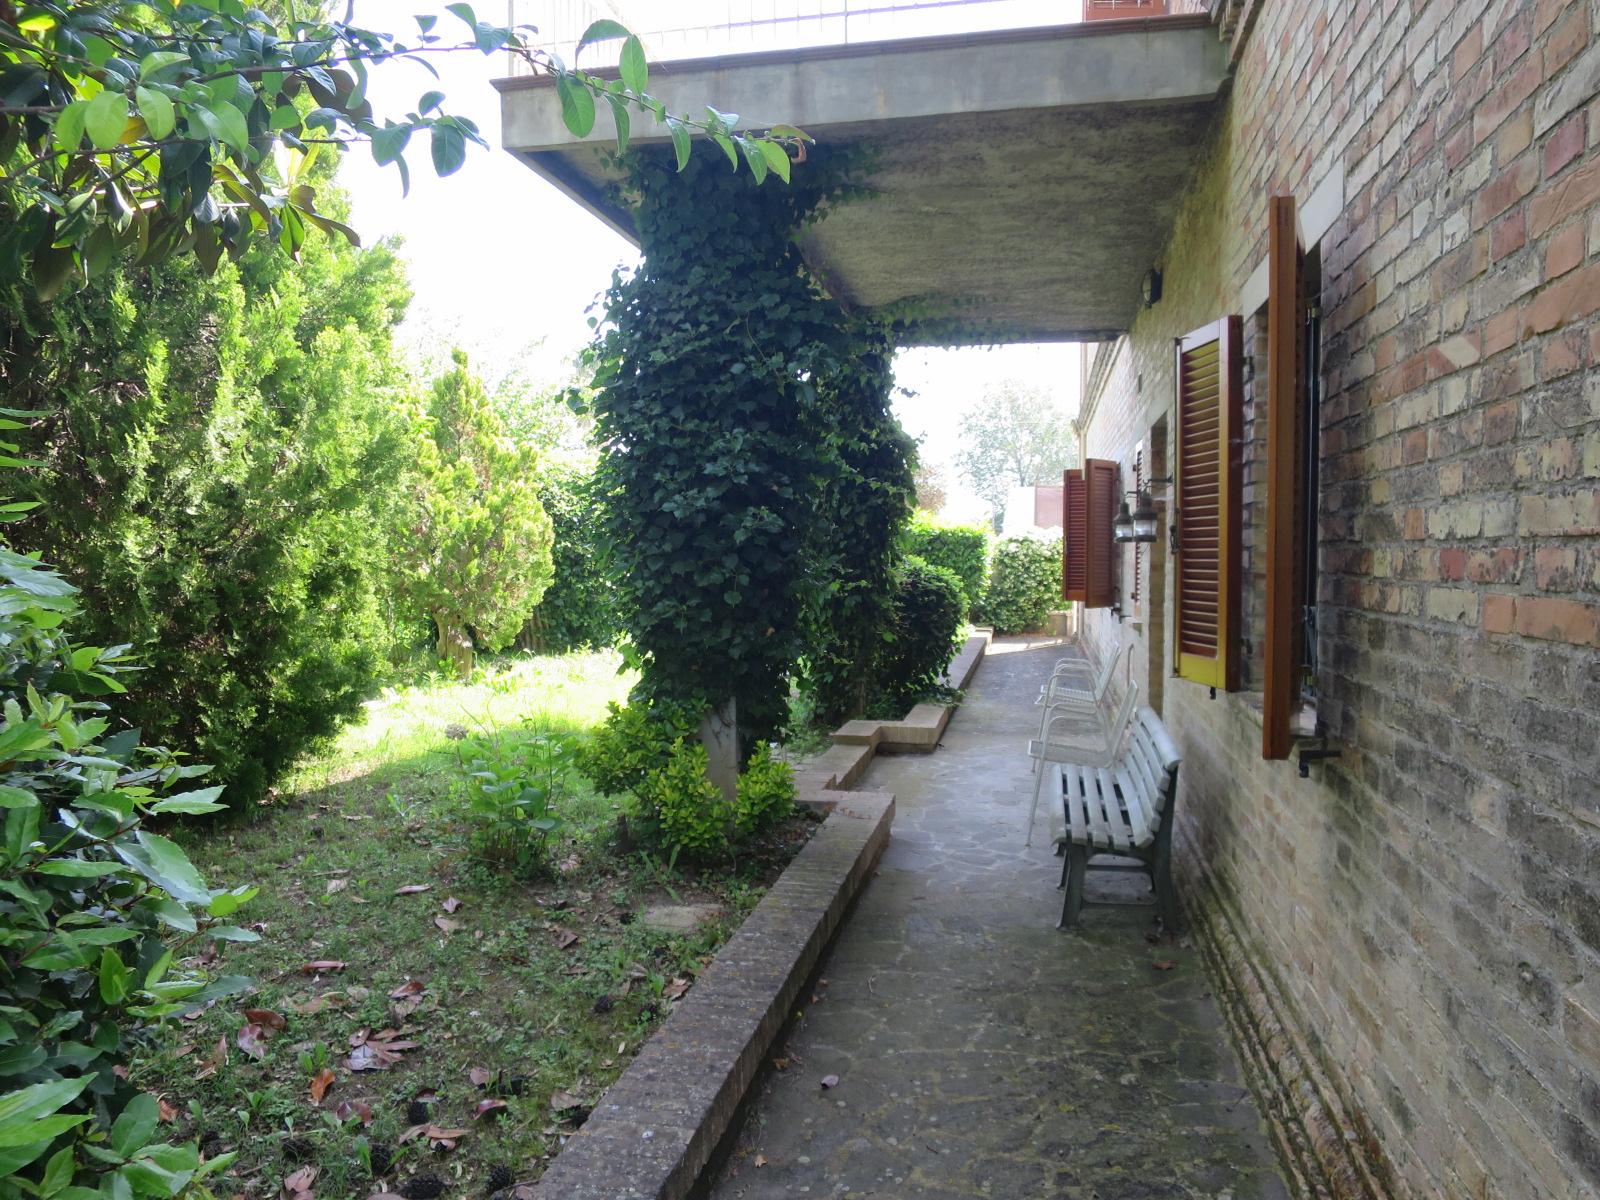 Villa Villa for sale Roseto degli Abruzzi (TE), Villa del Marinaio - Roseto degli Abruzzi - EUR 385.559 390